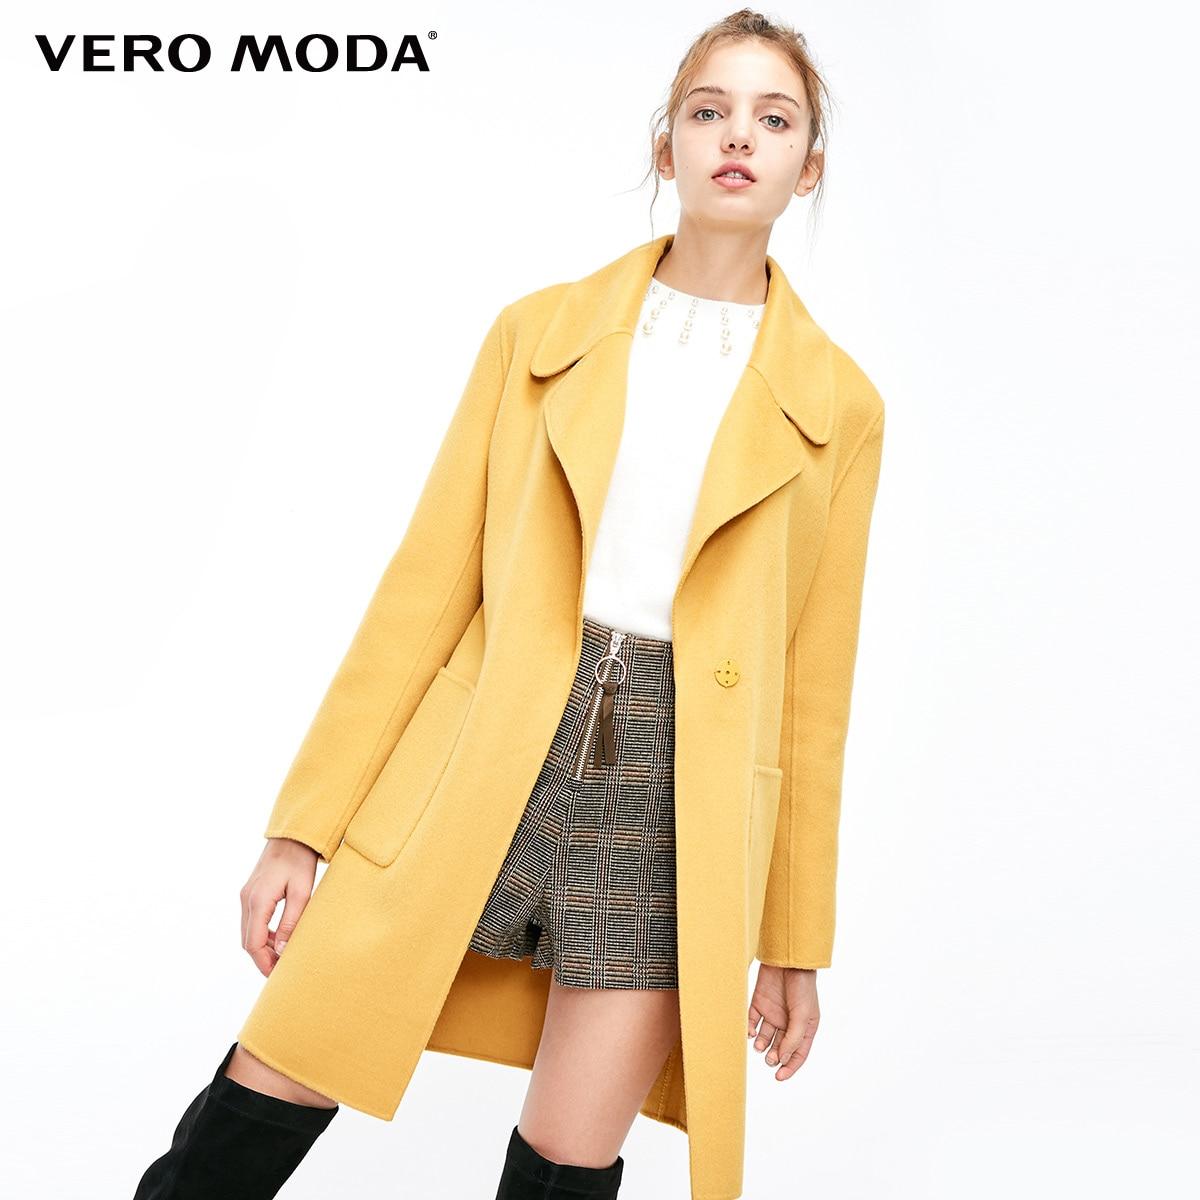 Vero Moda Women's Autumn 61% Wool Pure Simple Coat Wool Coat | 318327528